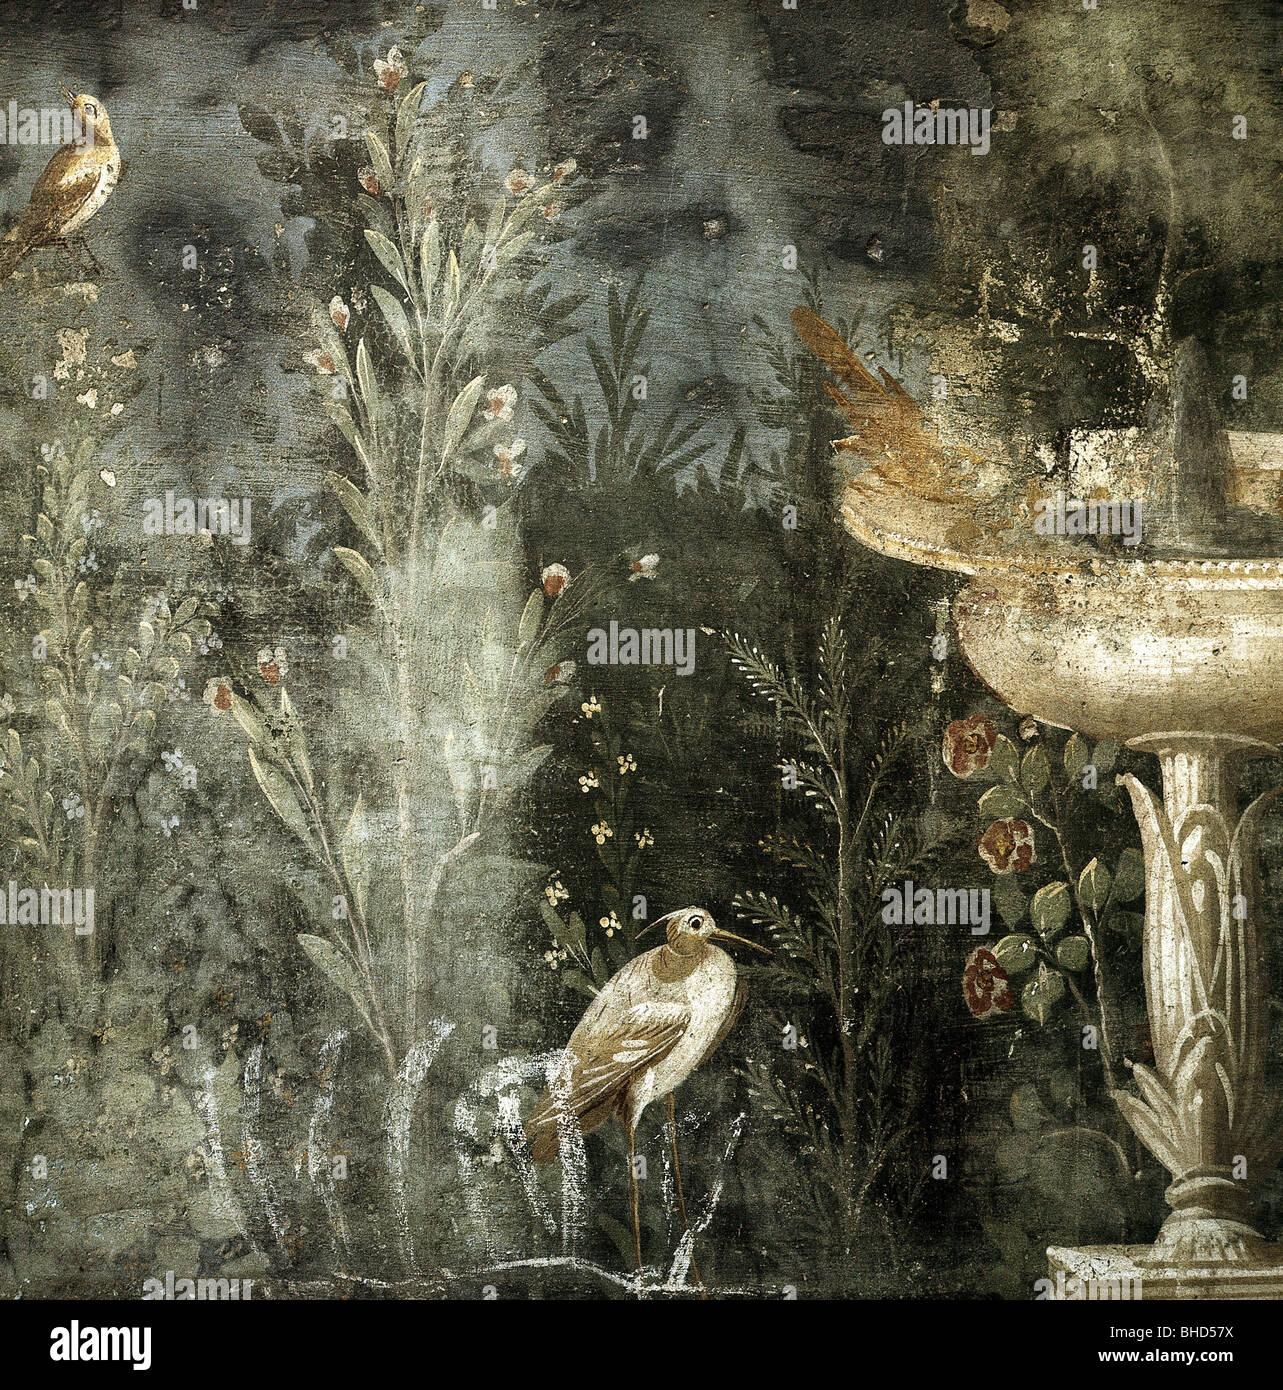 Belas artes, mundo antigo, o Império Romano, Pompeia, detalhe de um fresco, jardim cena, Casa do Venus, Itália, Imagens de Stock